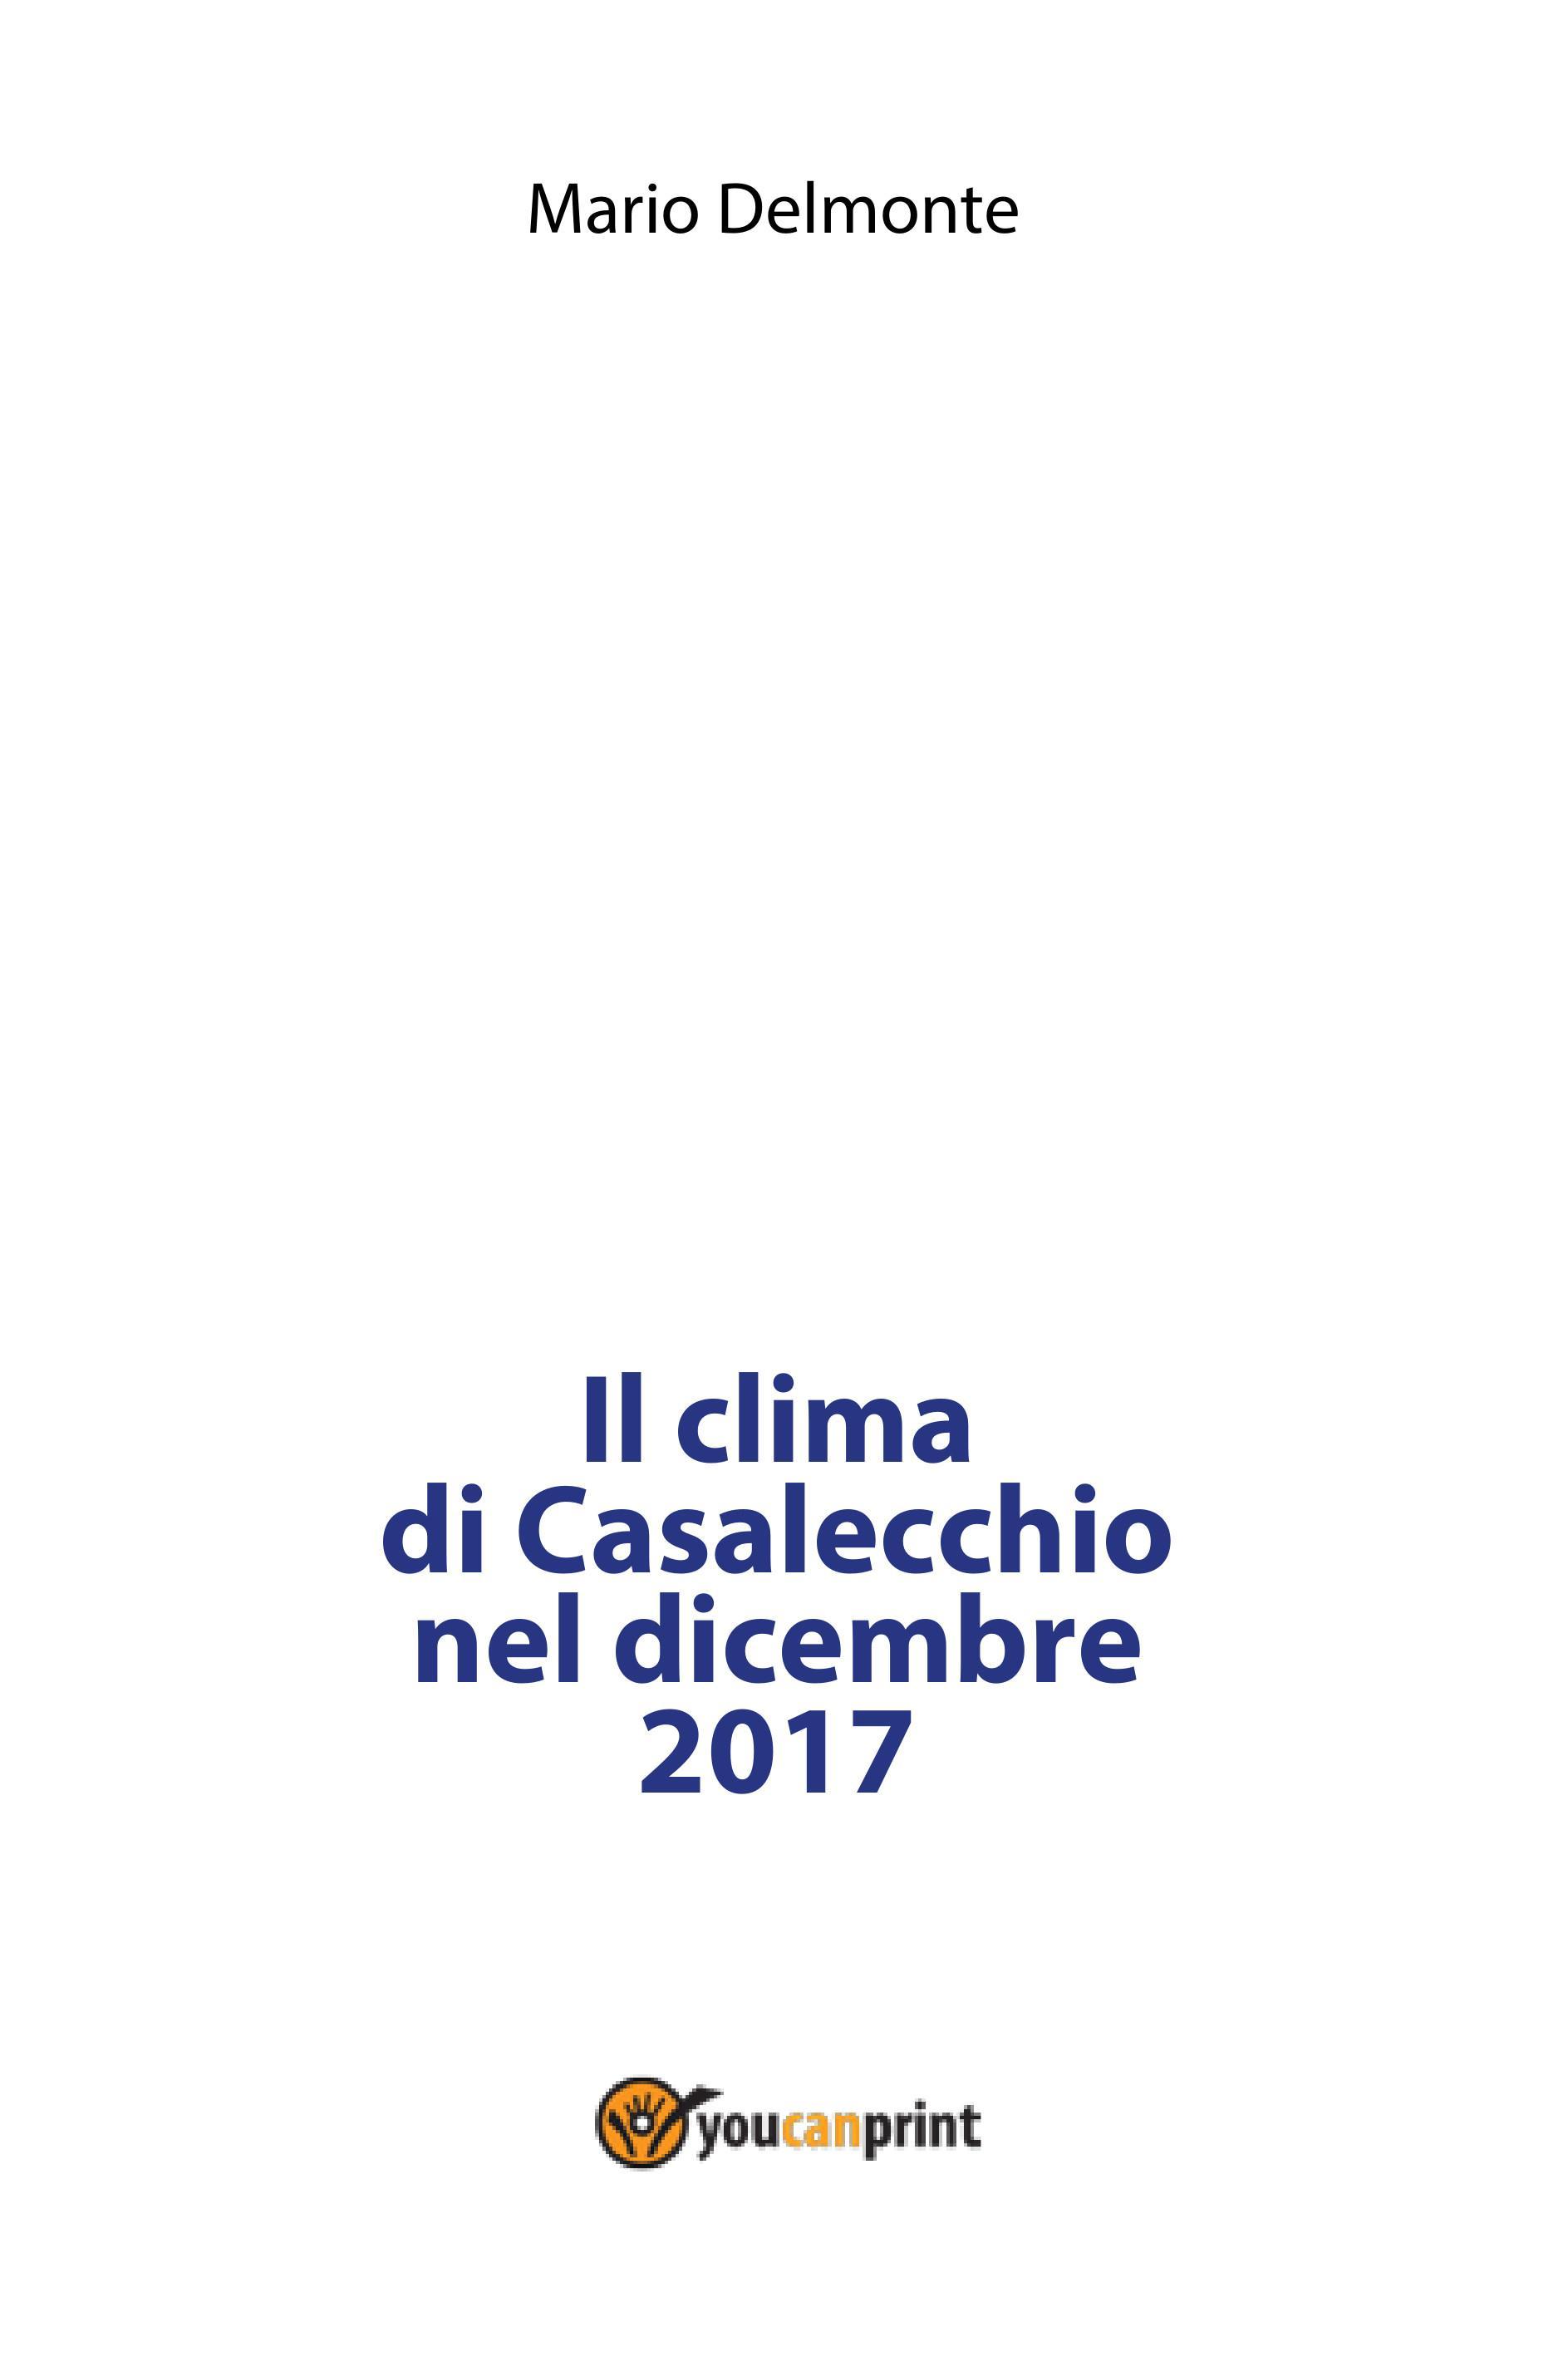 Il clima di Casalecchio nel dicembre 2017